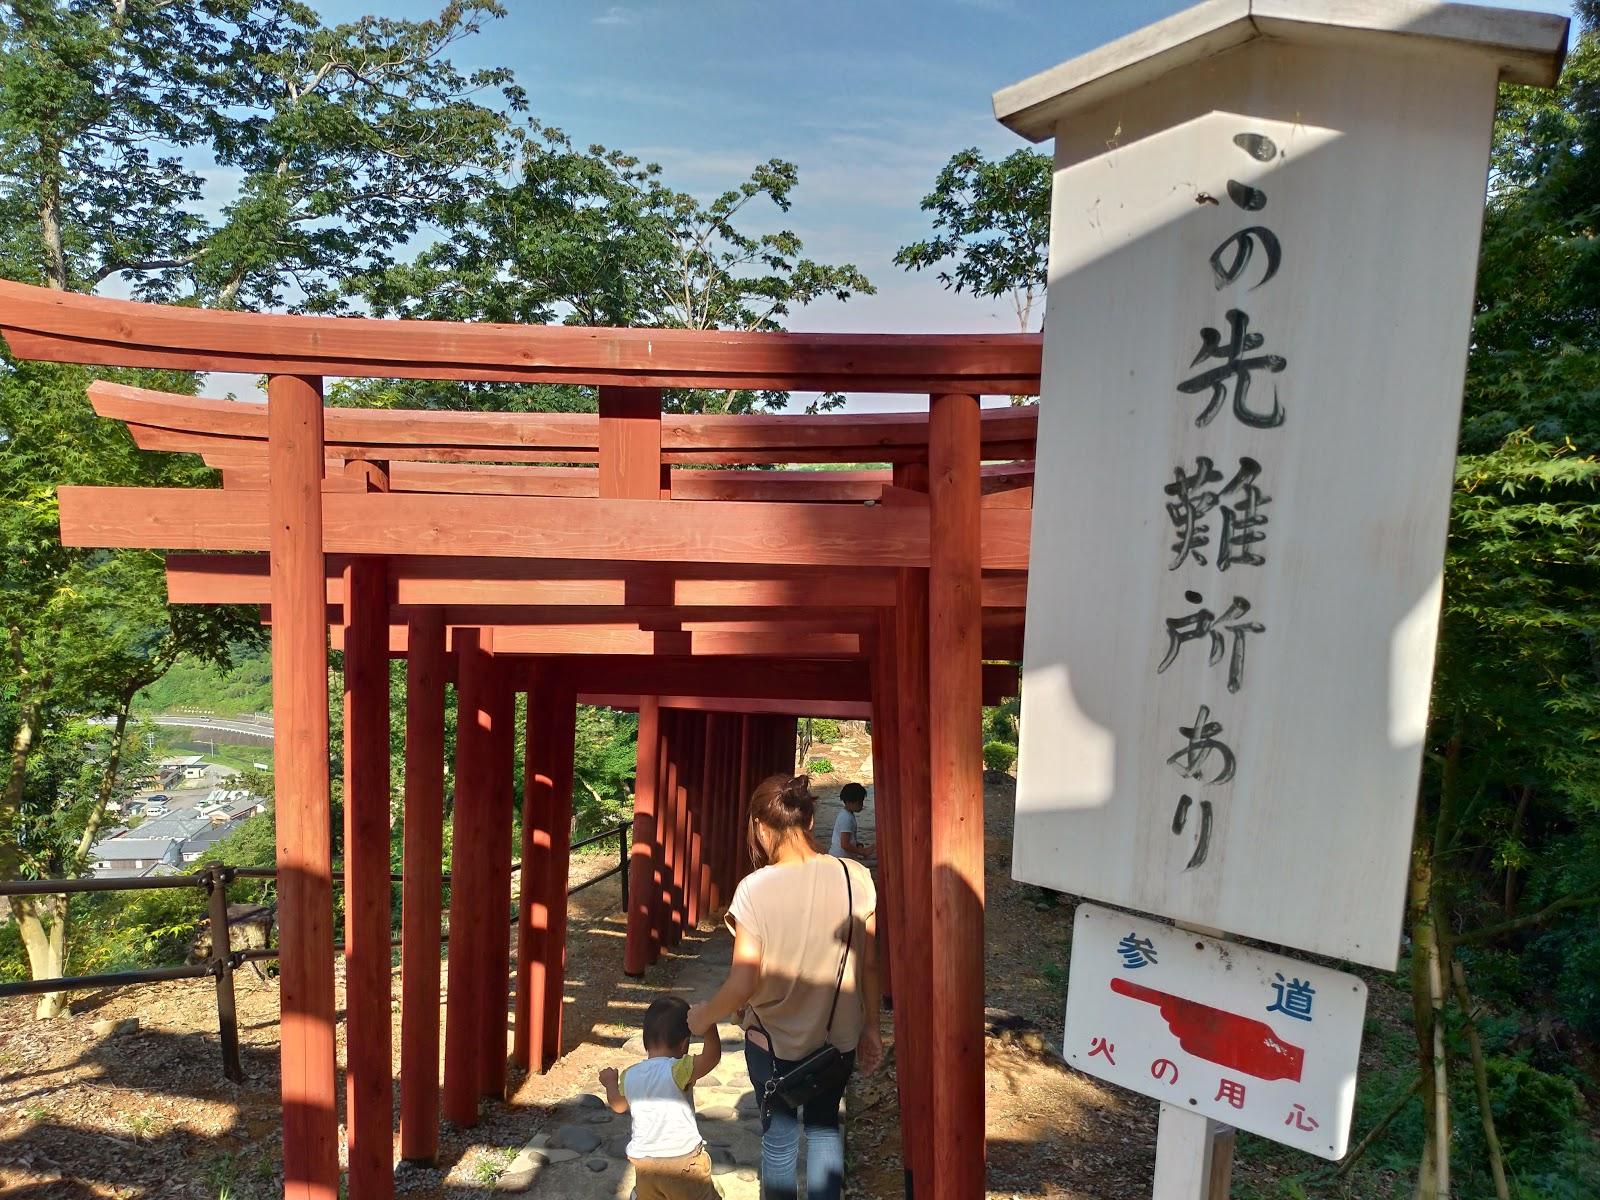 佐賀・祐徳稲荷神社の参拝で奥の院の難所あり